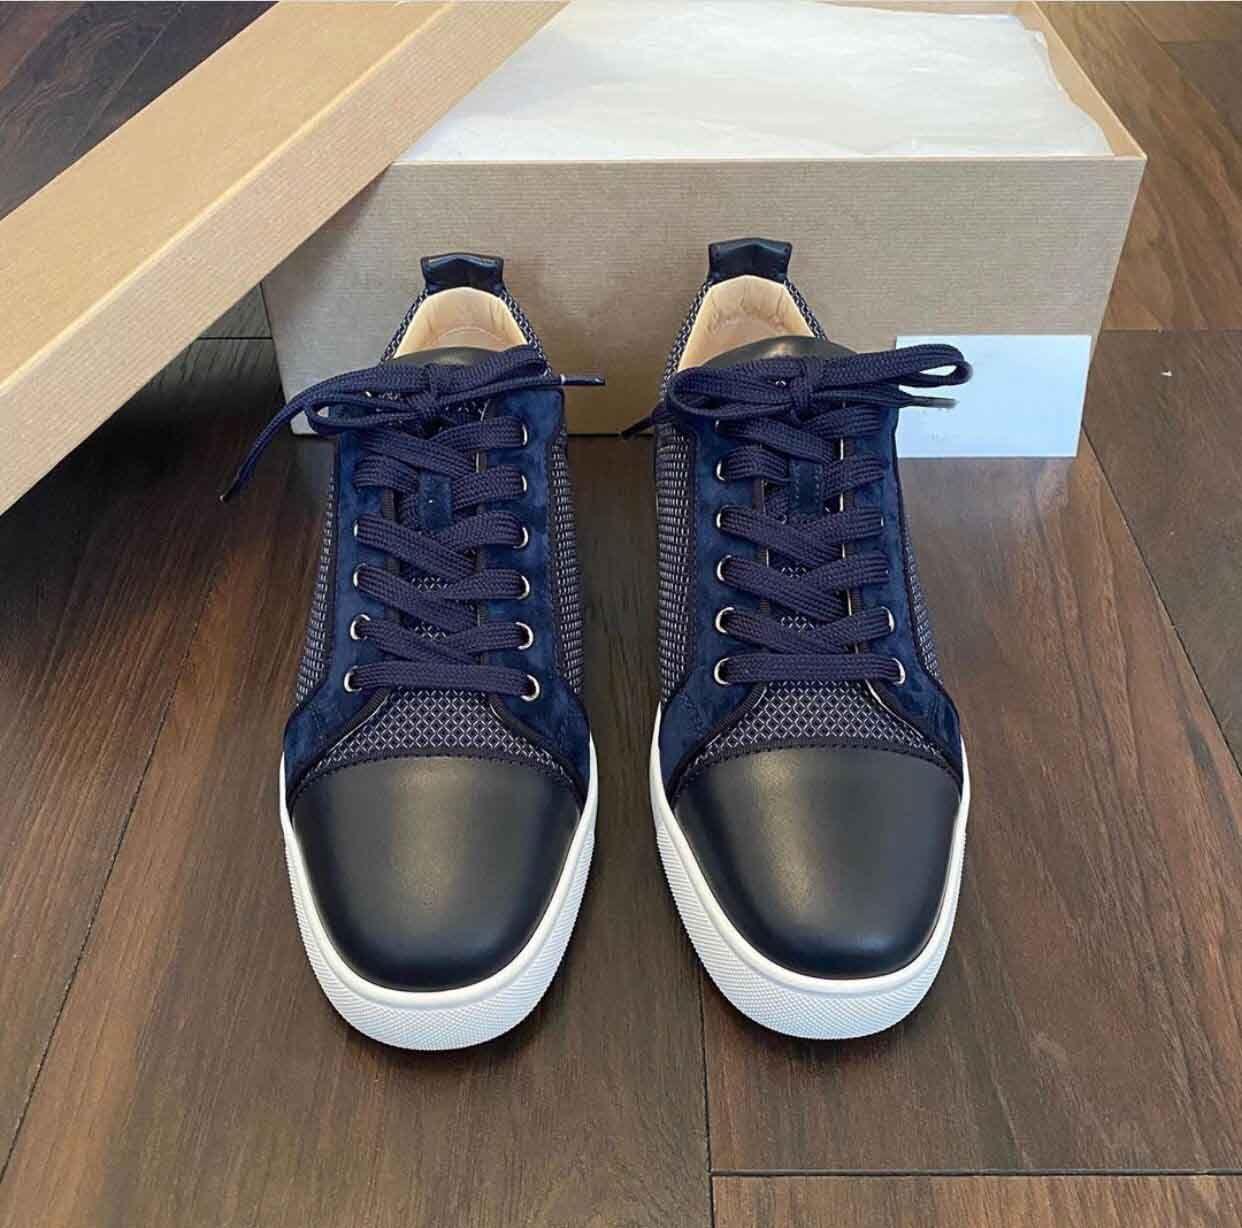 Kadın, erkek Kaykay Mükemmel Hediyesi, Box için 2020 Markalar Mavi Dana derisi Deri Orlato Casual Genç Düşük Üst Kırmızı Alt Sneakers Ayakkabı